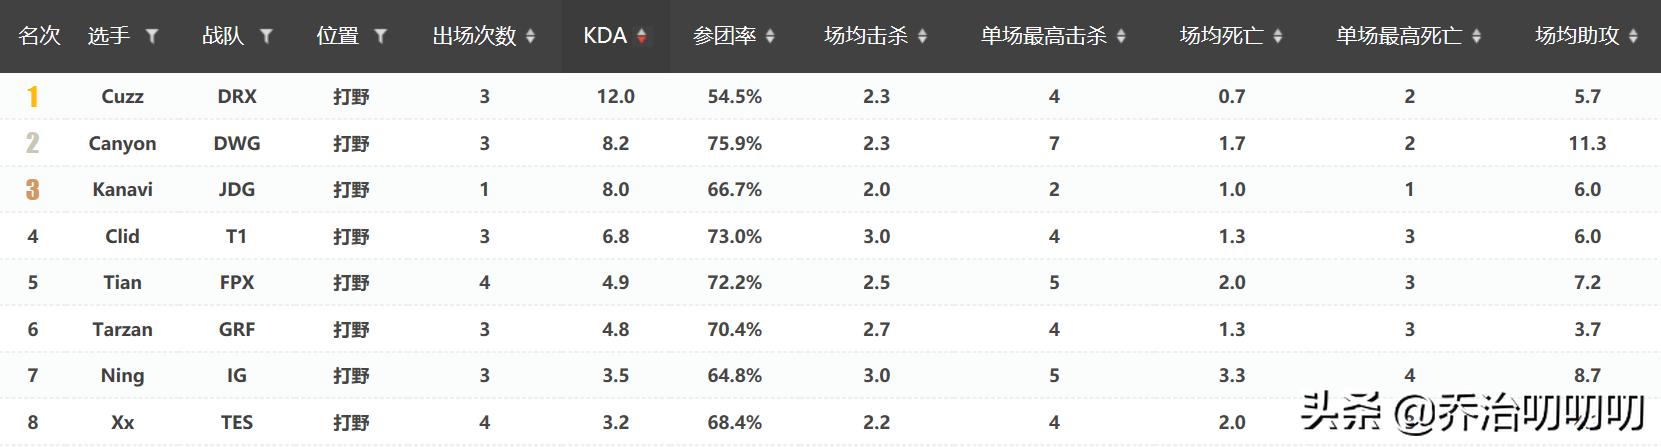 用数据分析|LPL成为第一赛区至今,最强打野是谁?宁,天还是咖